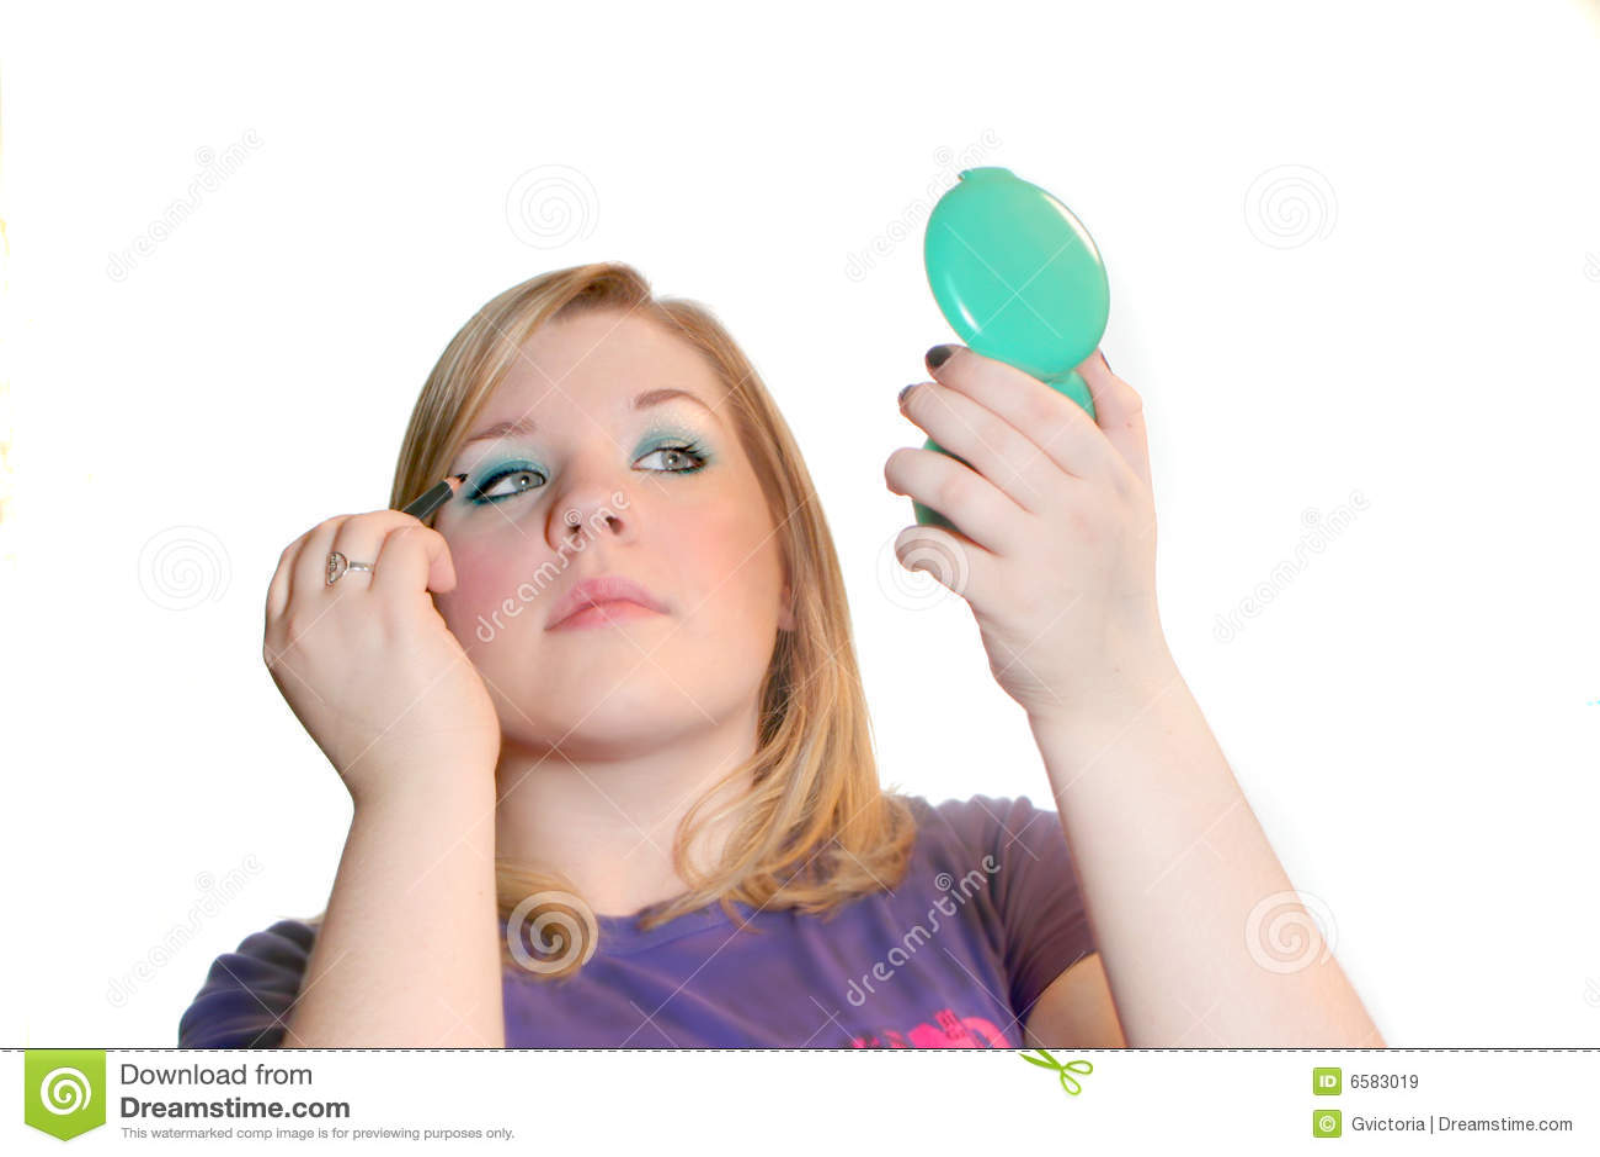 Maquillaje de aplicación adolescente